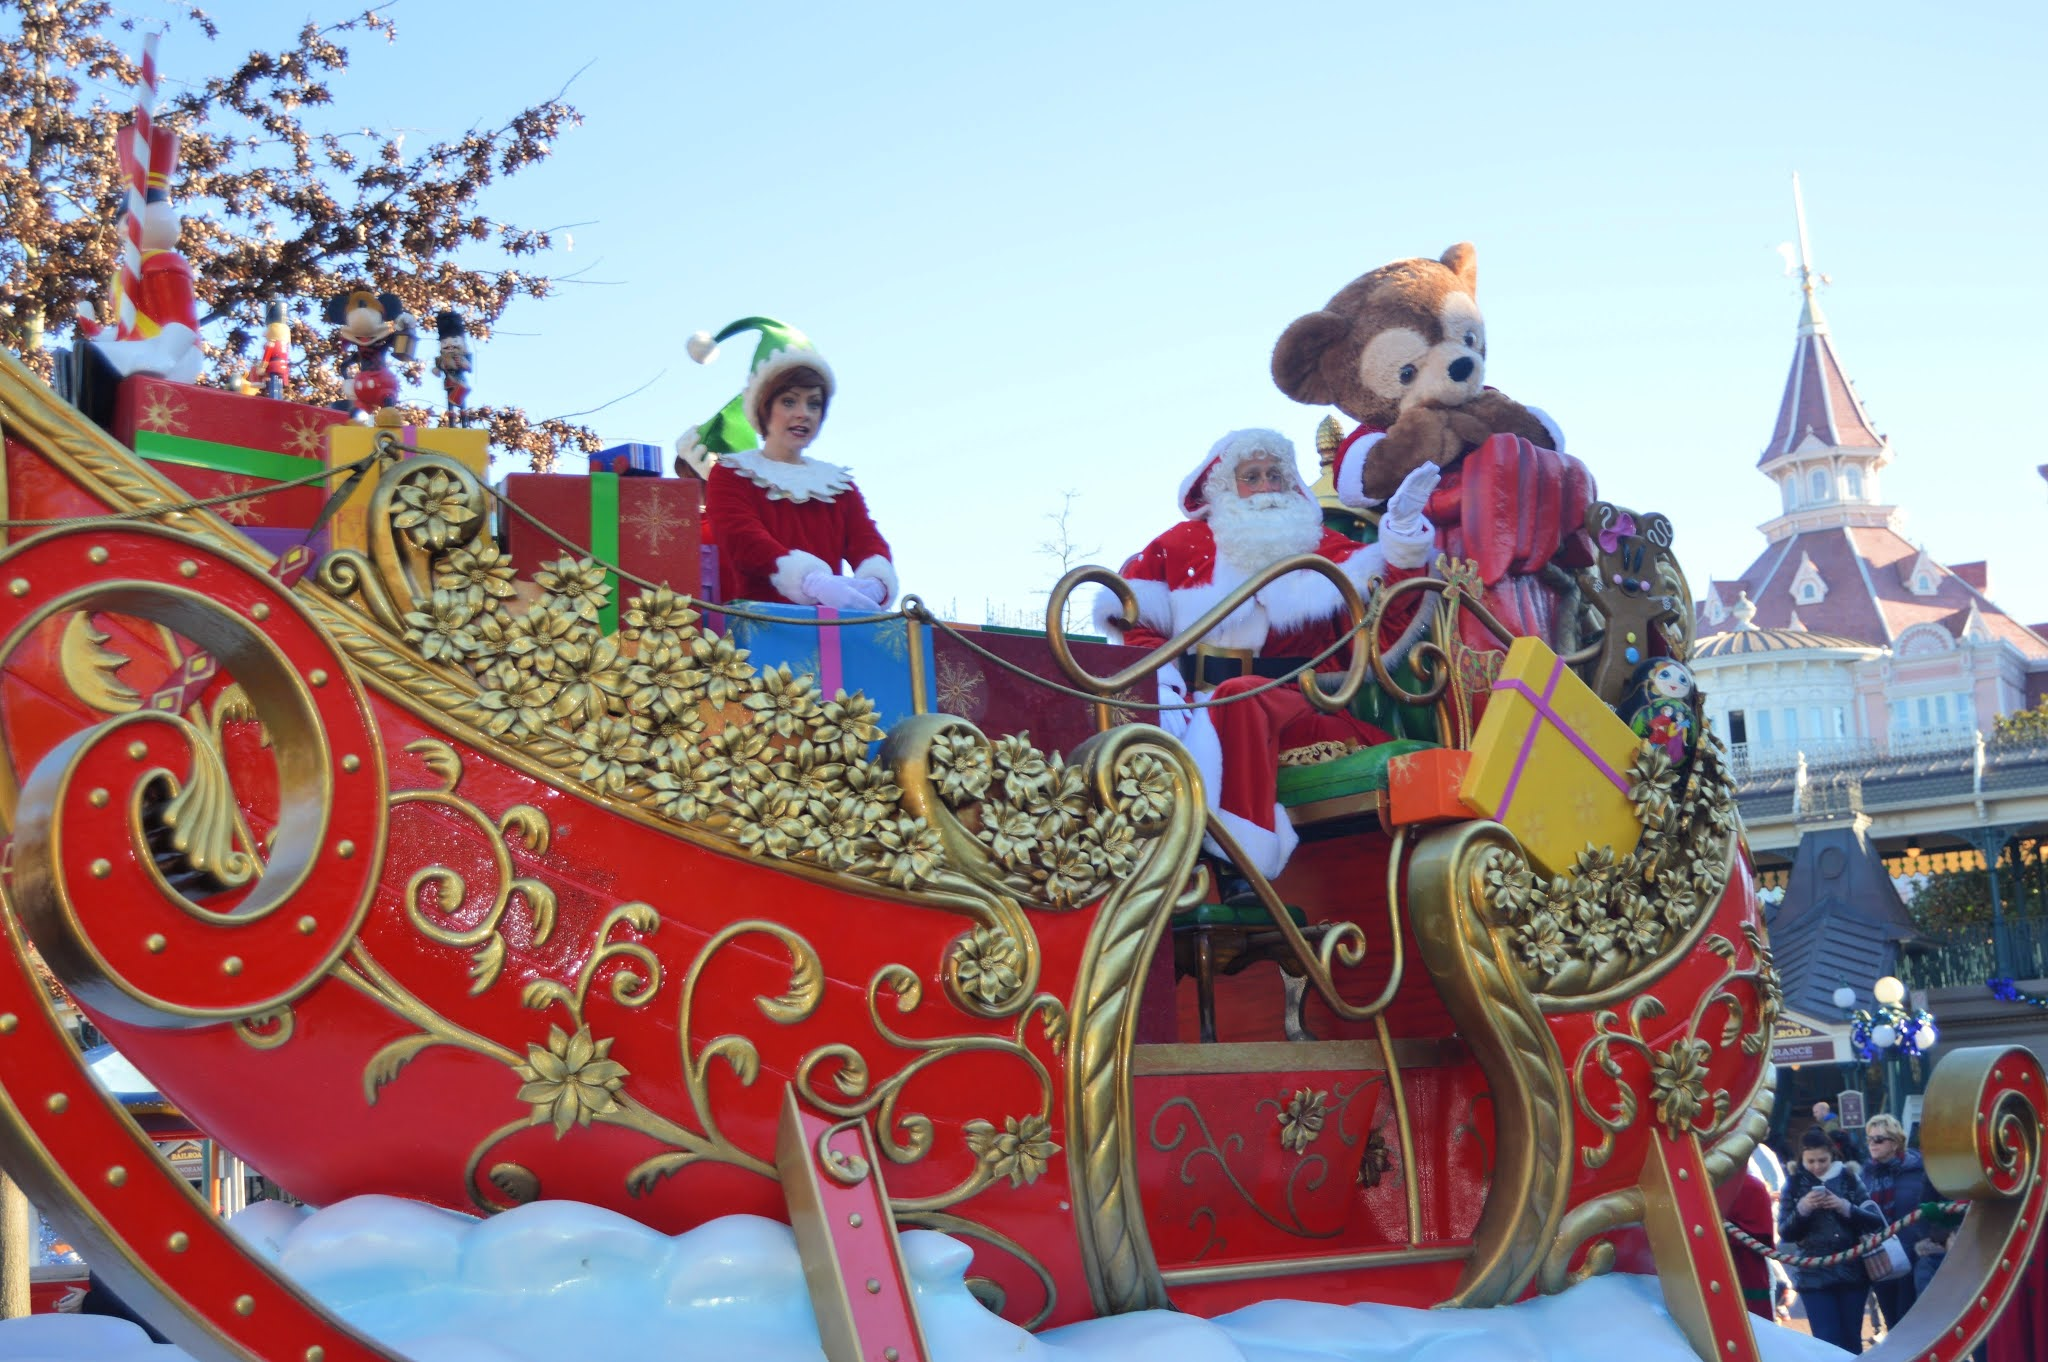 disneyland paris christmas parade